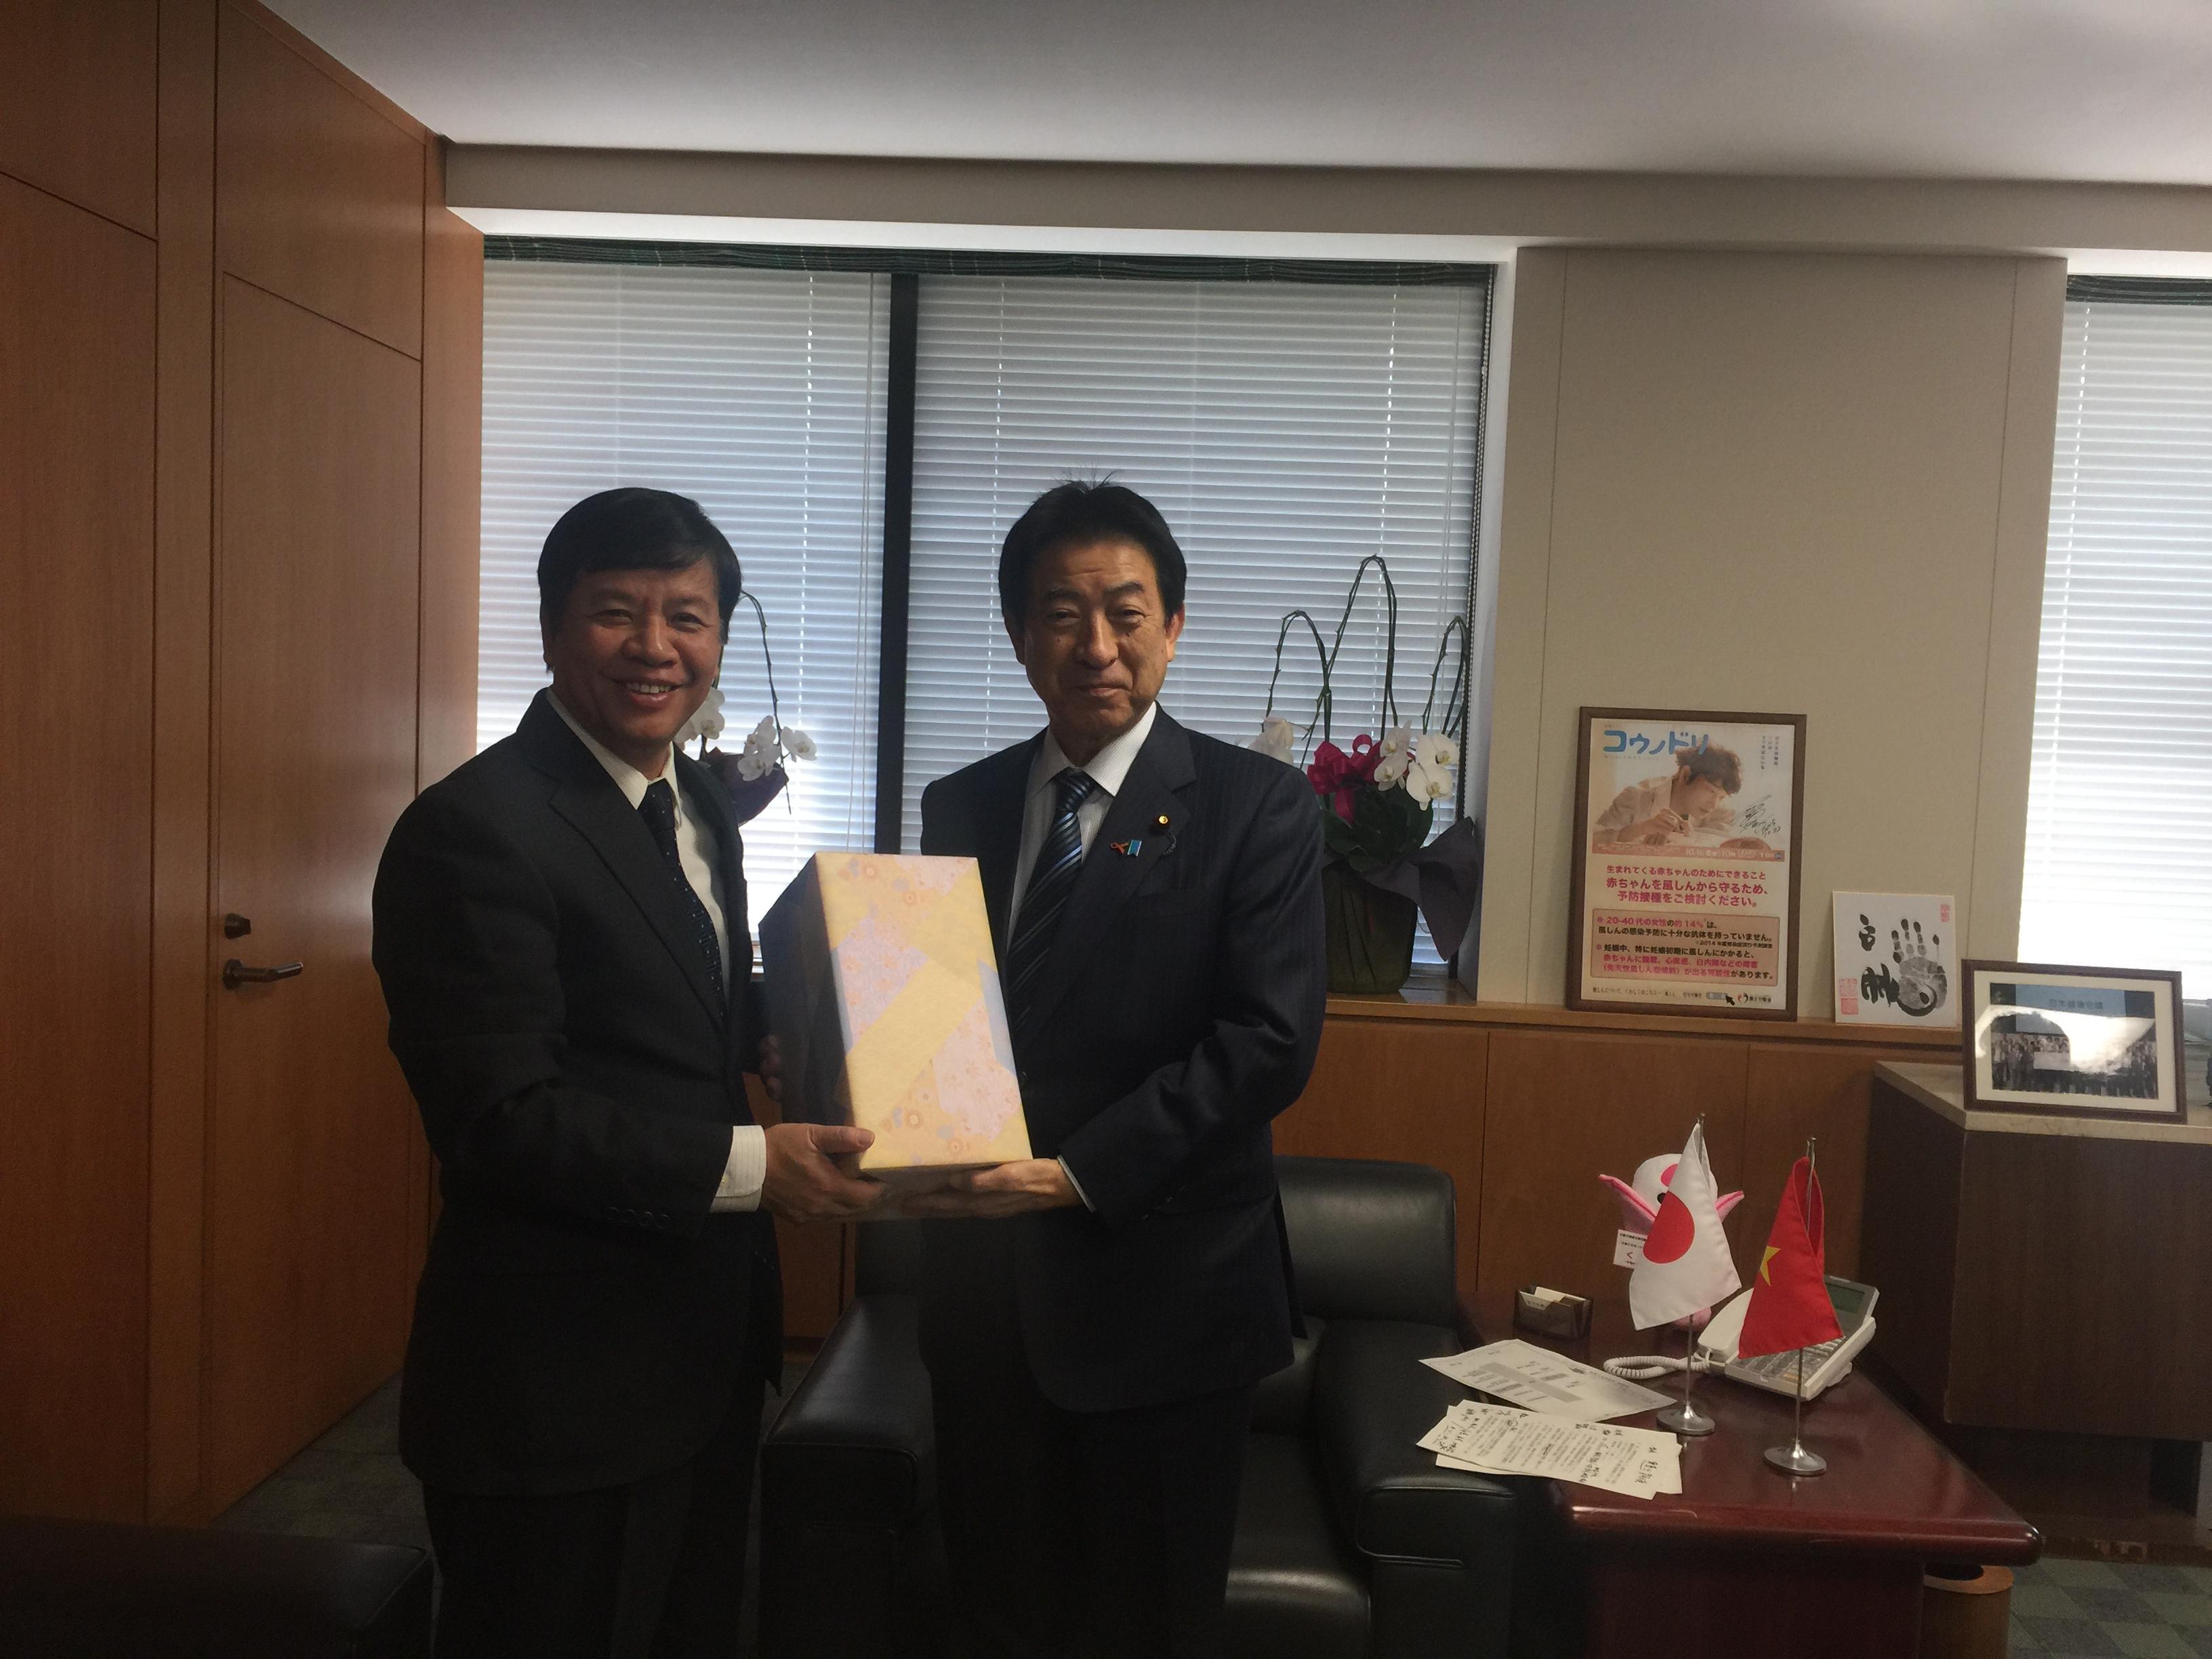 Nhật Bản muốn tăng cường hợp tác y tế và lao động với Việt Nam